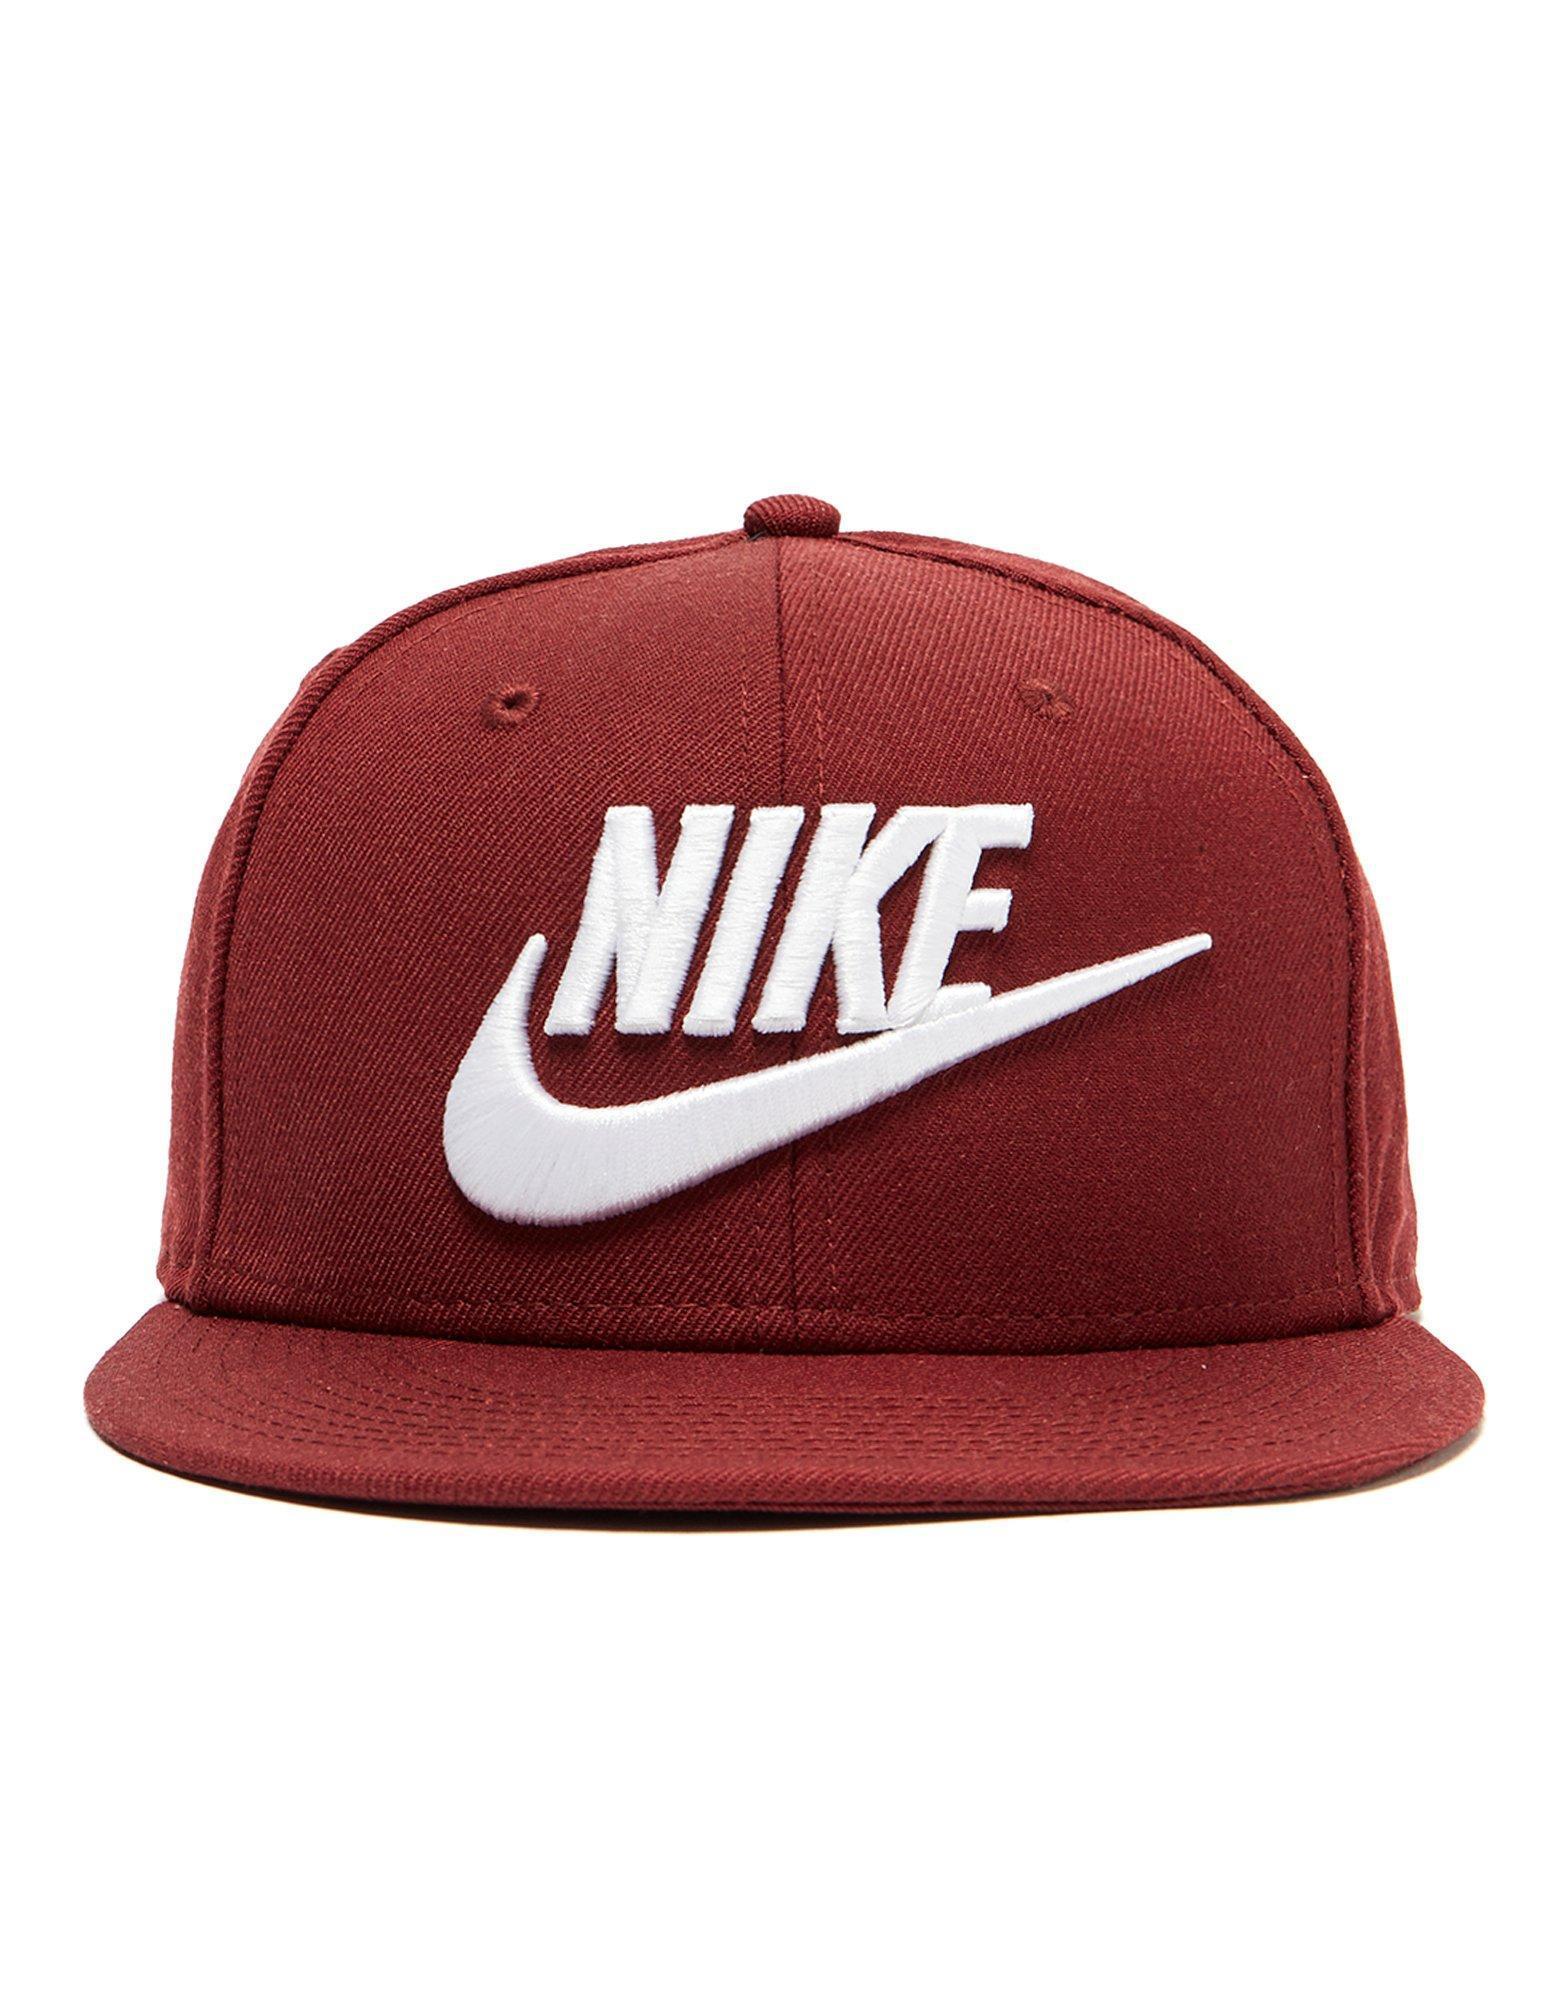 d02a5259 Nike Futura True 2 Snapback Cap in Red for Men - Lyst